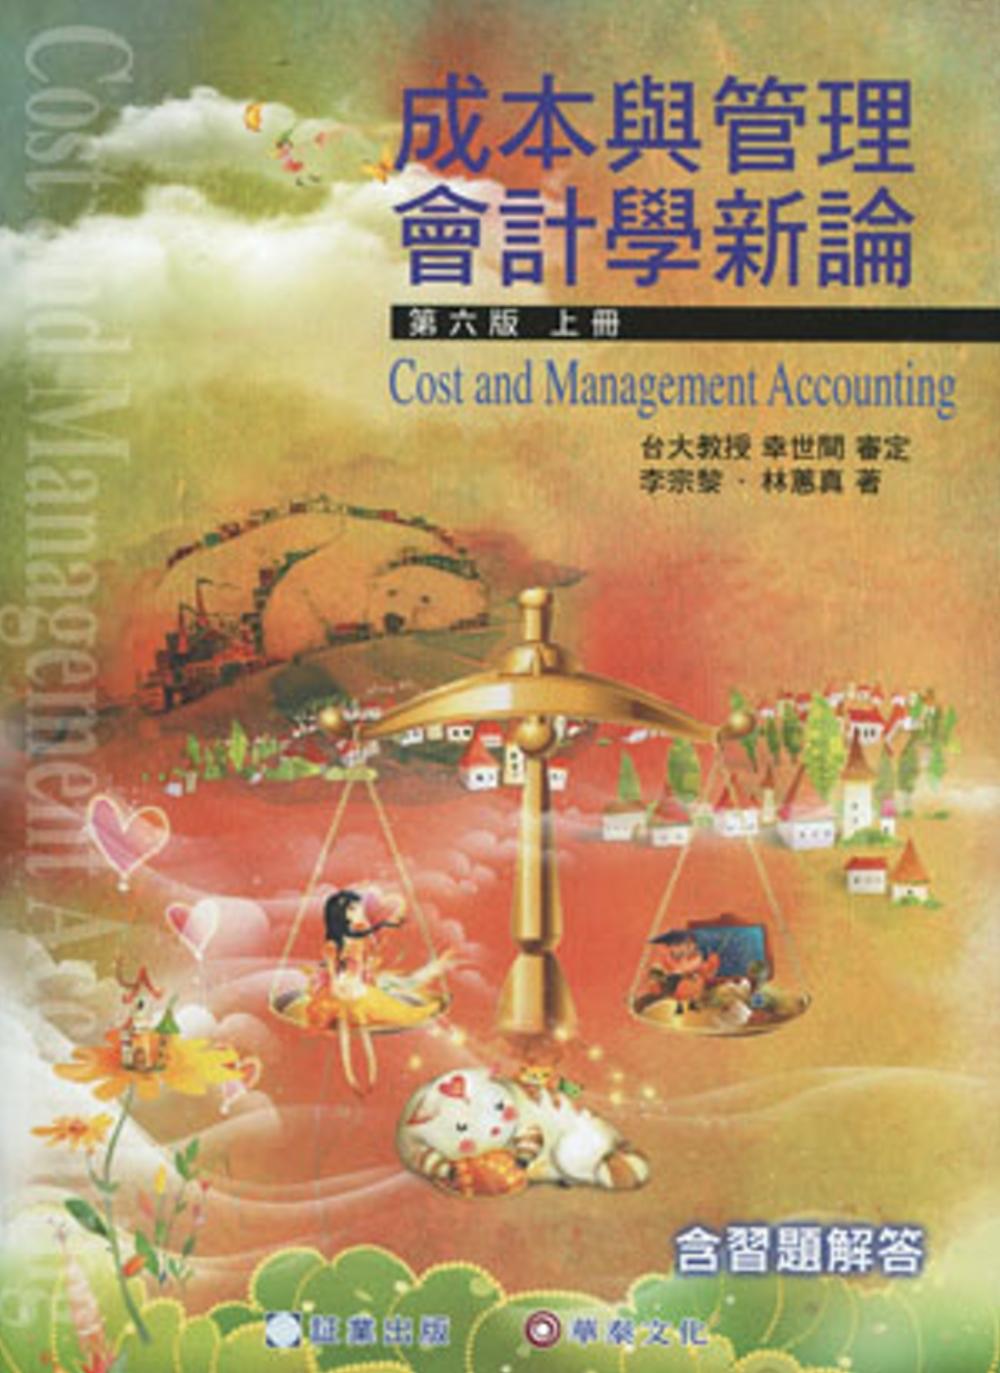 成本與管理會計學新論 (上冊)(6版)